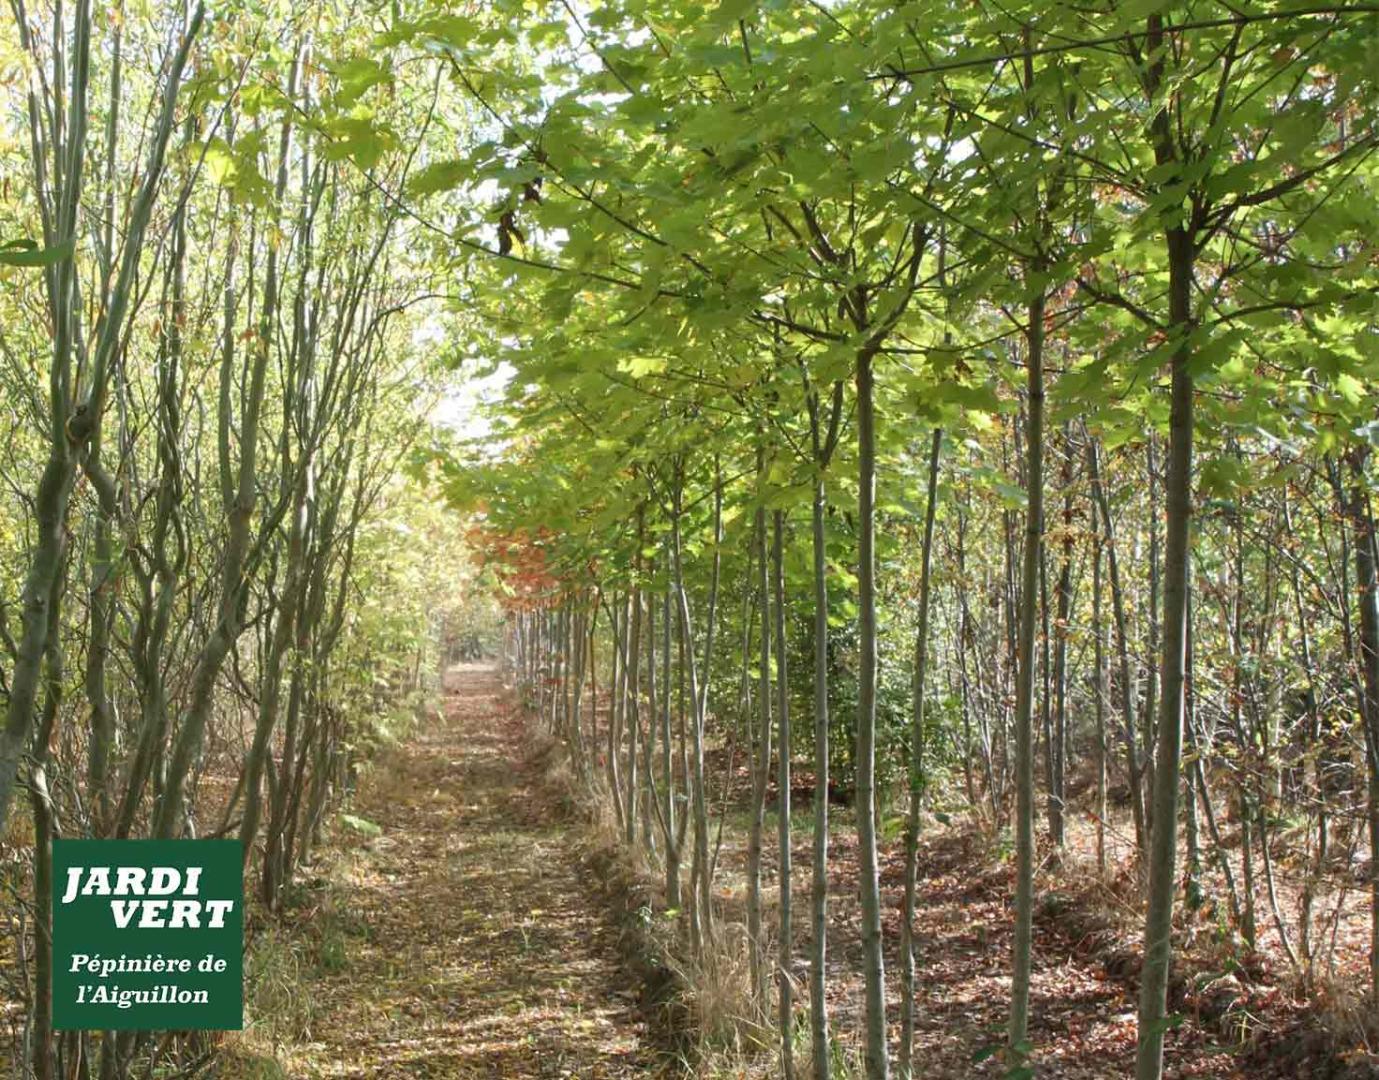 Production d'érable lacinié - Pépinière de l'Aiguillon près de Muret et Blagnac